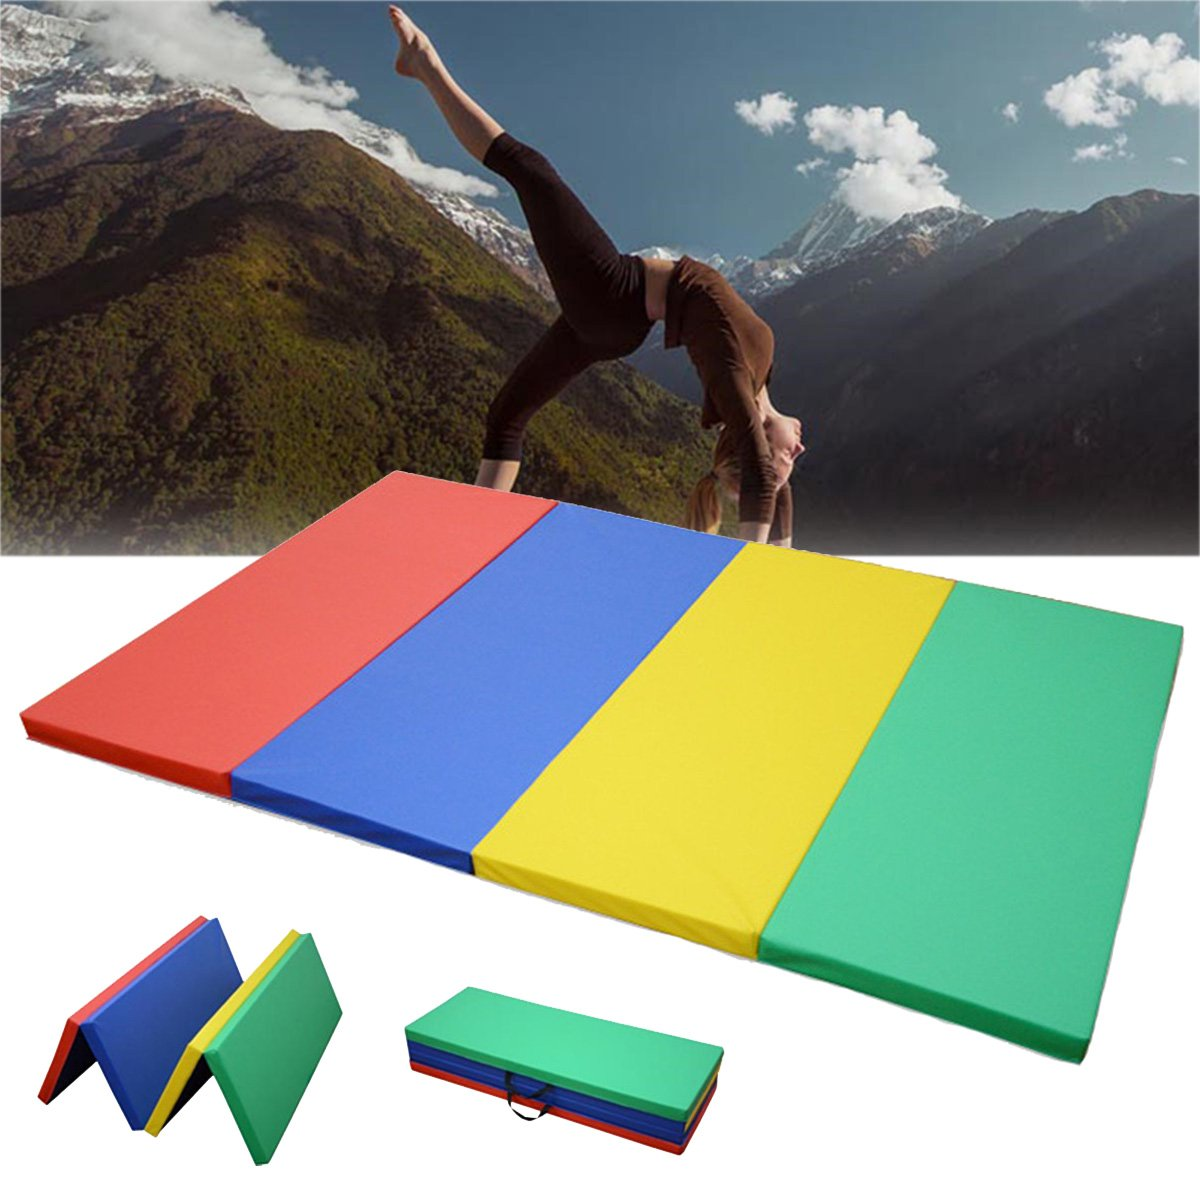 Plat Firm 70x47x1,97 Zoll Folding Gymnastik Panel Gym Ãœbung Yoga Pad Tumbling Fitness Mat